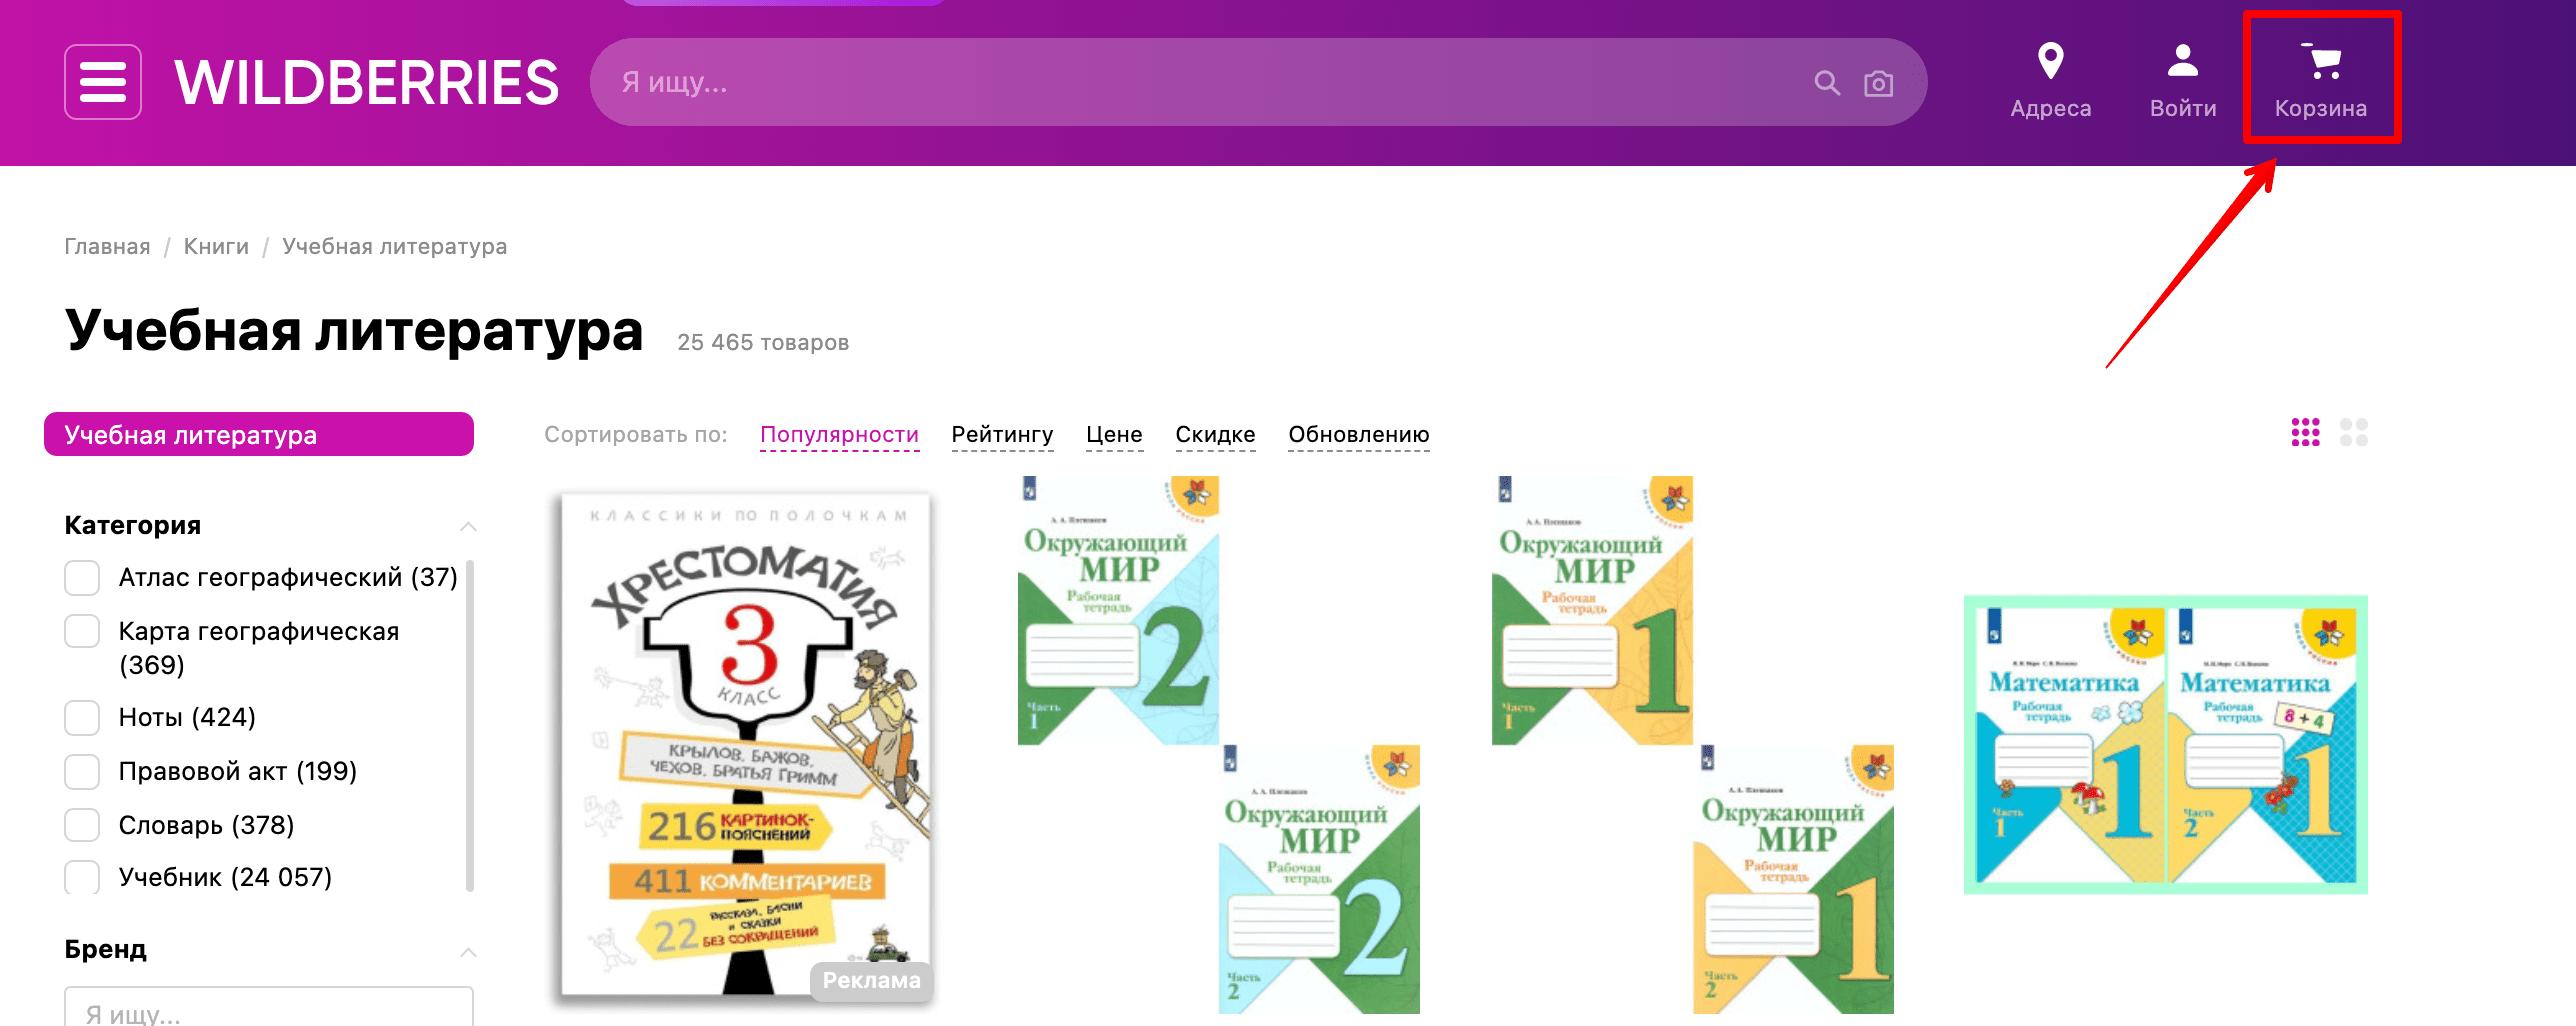 Кнопка корзины в шапке сайта